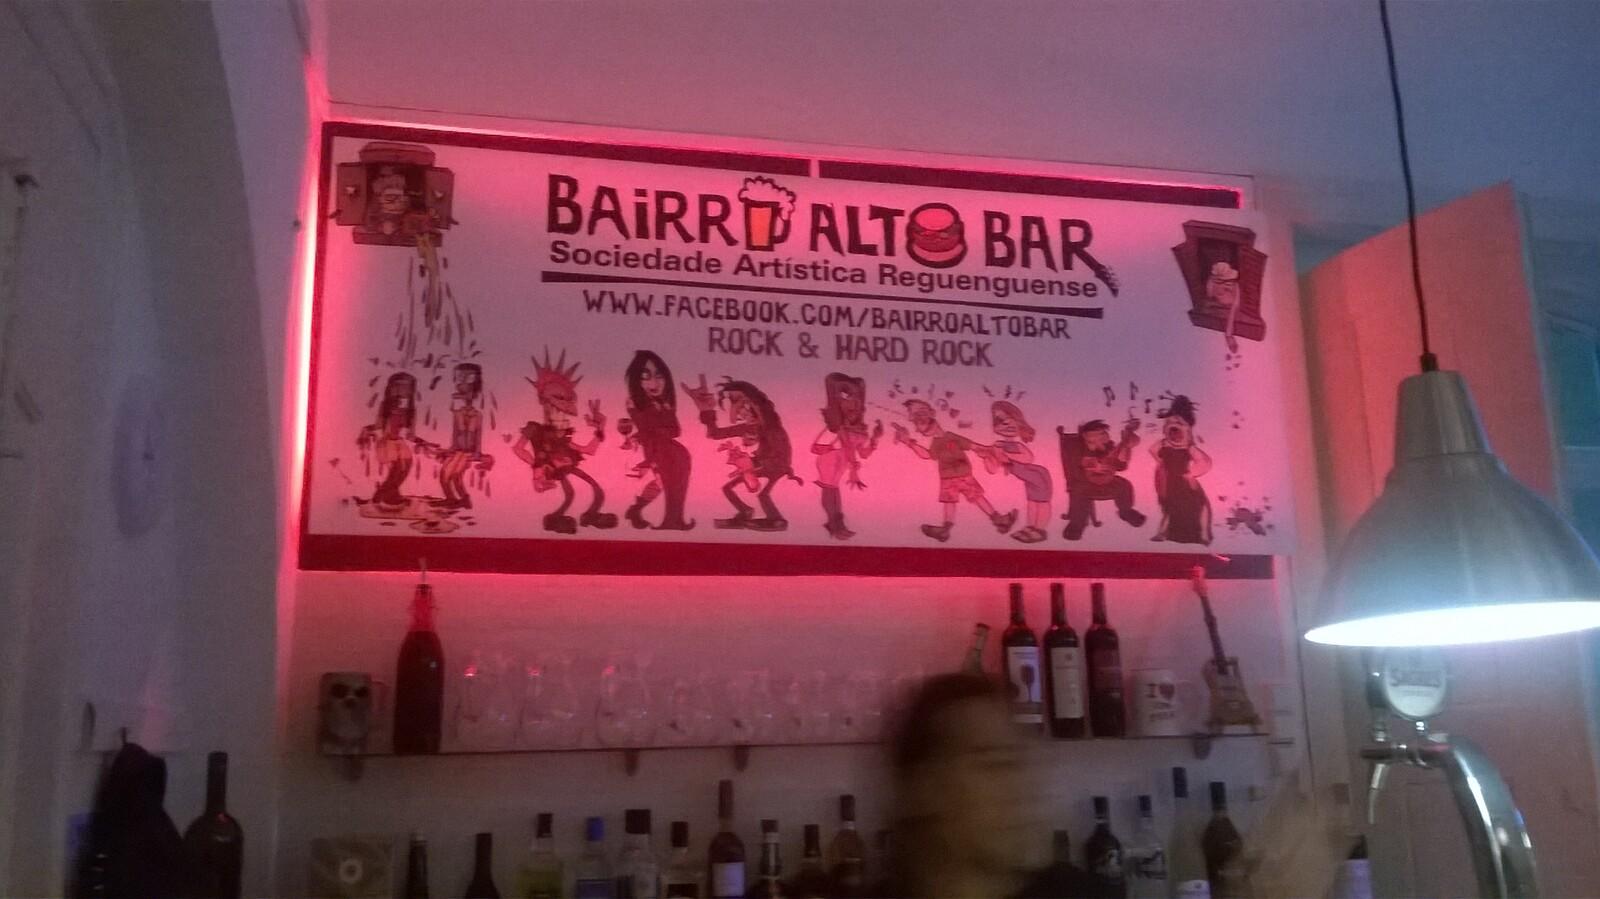 opening night bar poster